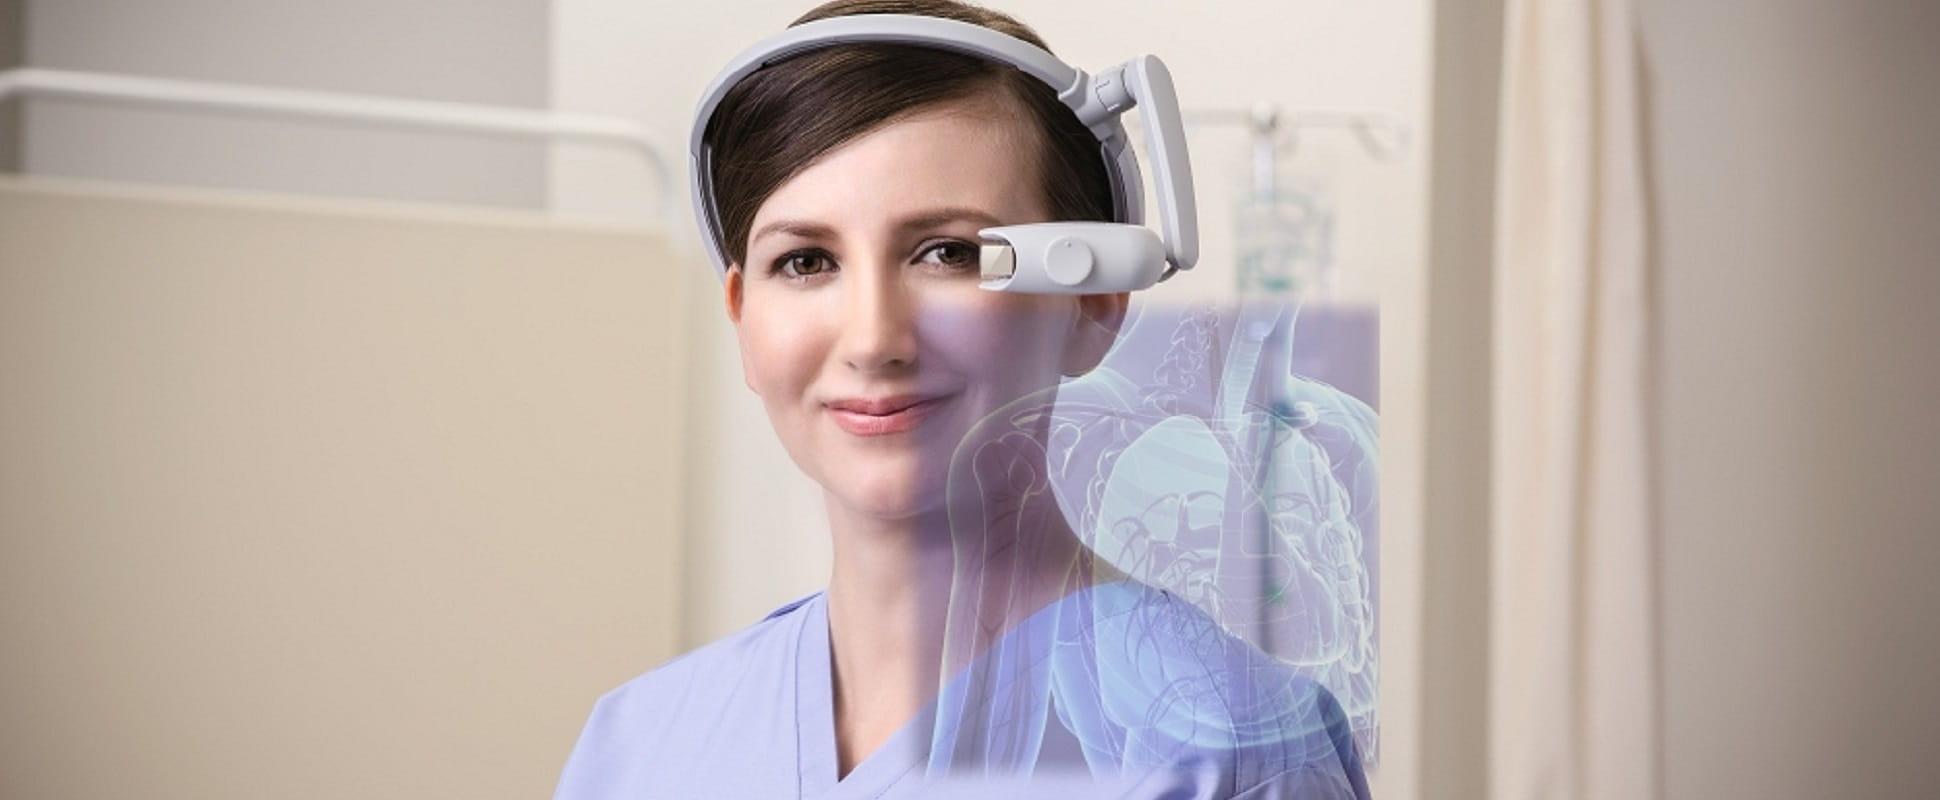 Medico con indosso Brother AiRScouter WD-200B per la realtà aumentata